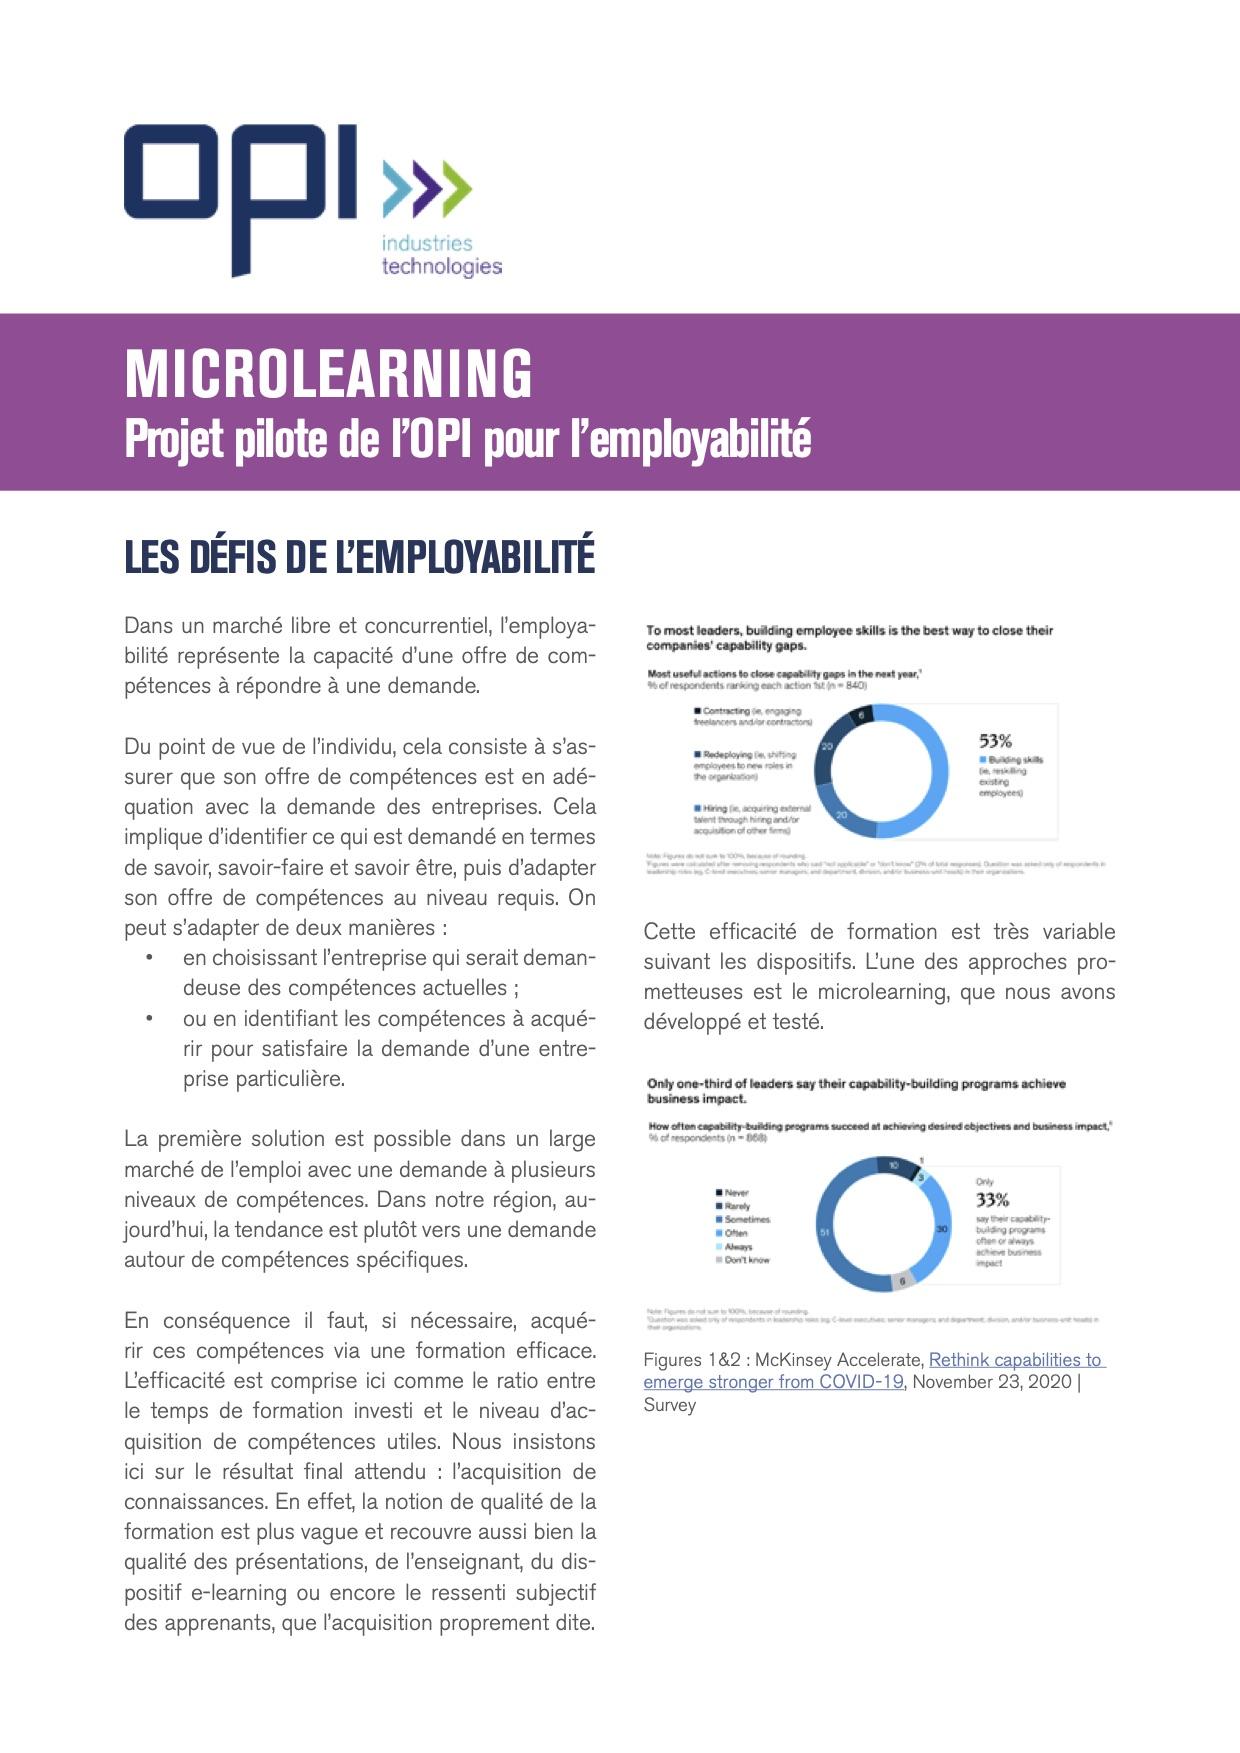 Microlearnig : appel à projet pilote de l'OPI